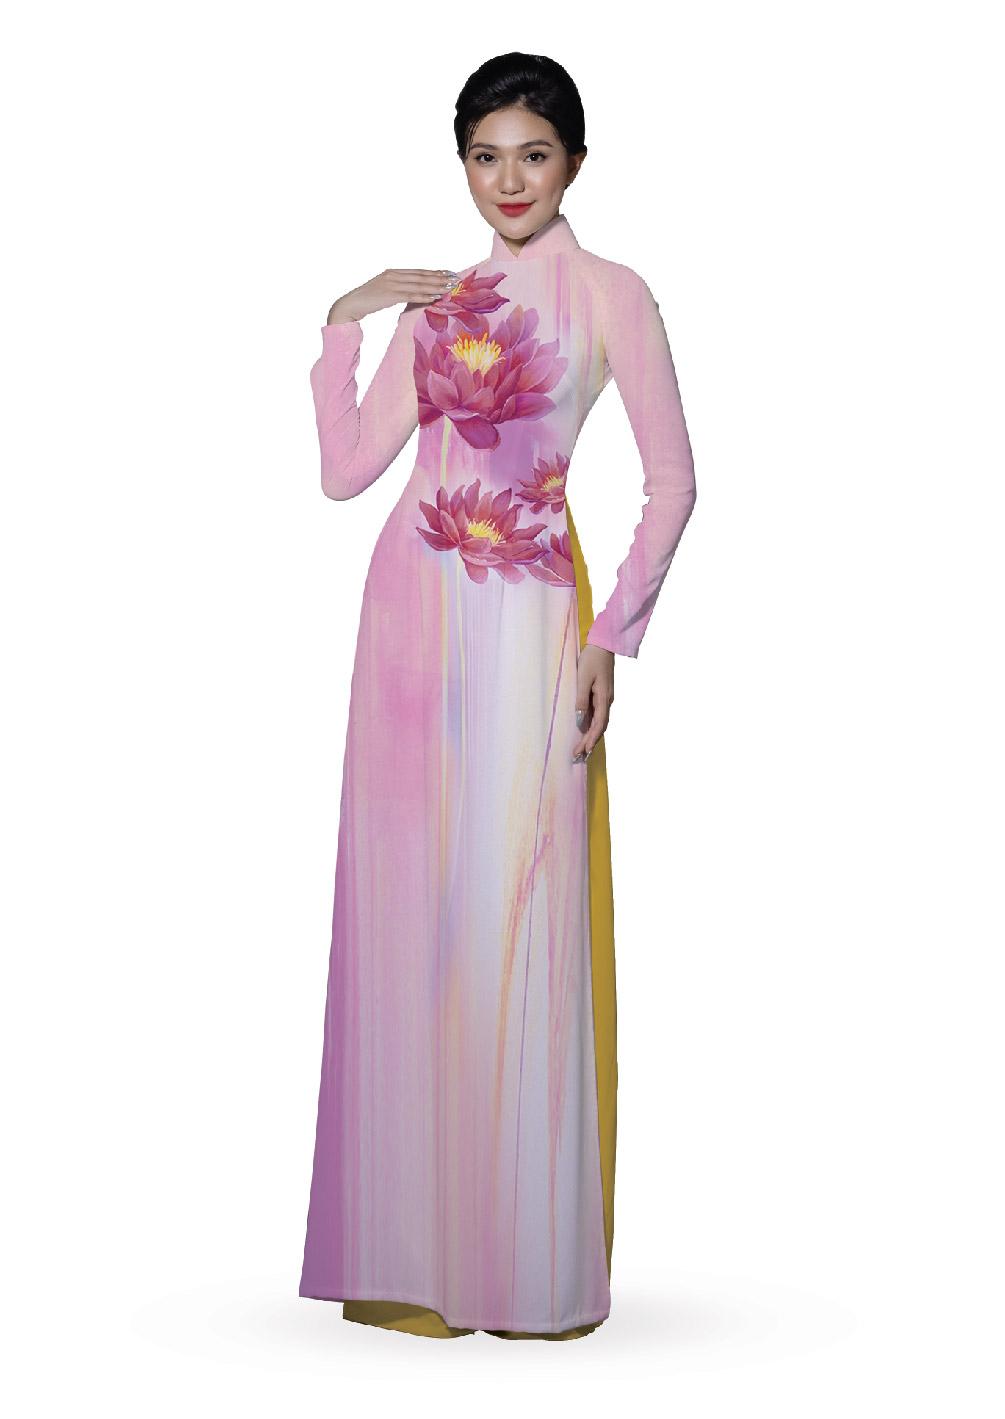 ASBR533-346-DR0 | Vải Áo Dài Hoa Văn In